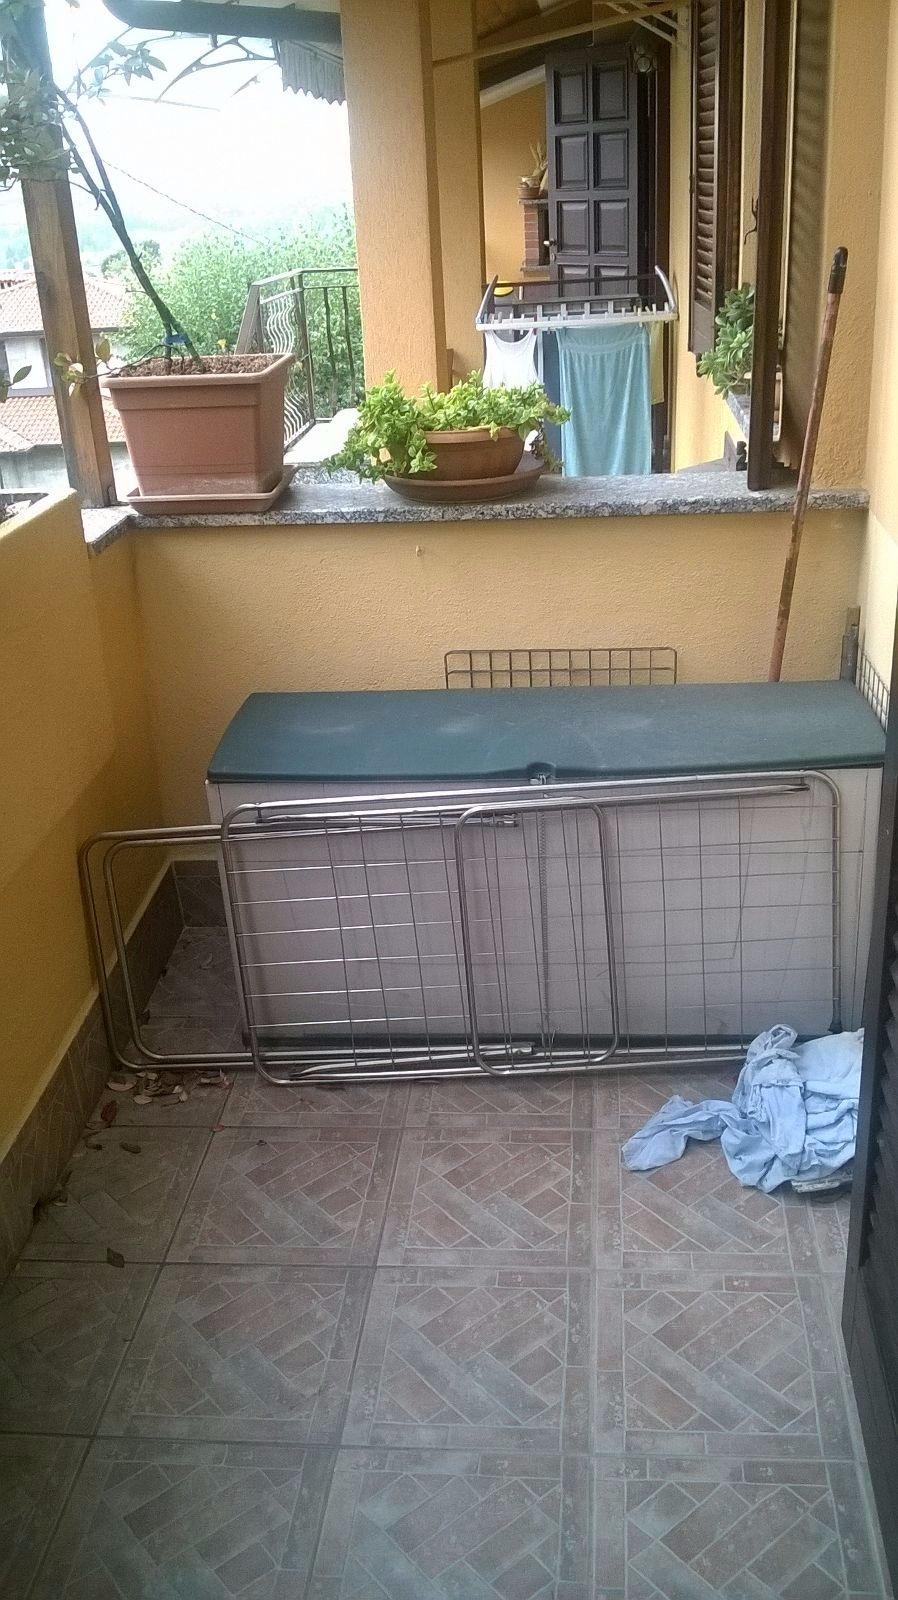 chiusura veranda con vetri buoni come isolamento acustico - Instapro